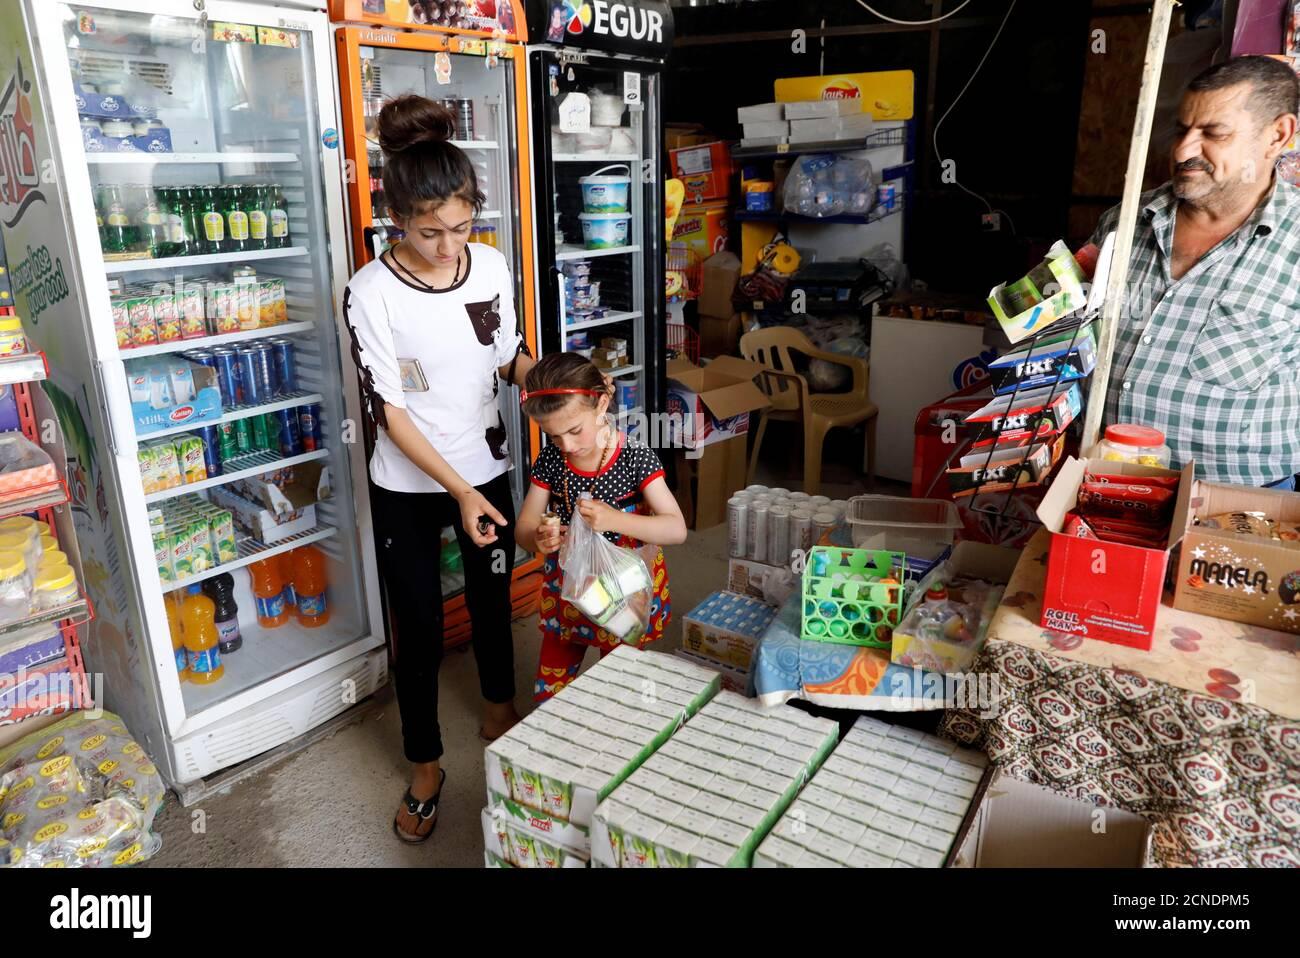 L'iracheno Christina Ezzo Abada, ex ostaggio di militanti dello Stato islamico per tre anni, acquista gelati in un negozio locale in un campo profughi a Erbil, Iraq, 10 giugno 2017. REUTERS/Erik De Castro Foto Stock